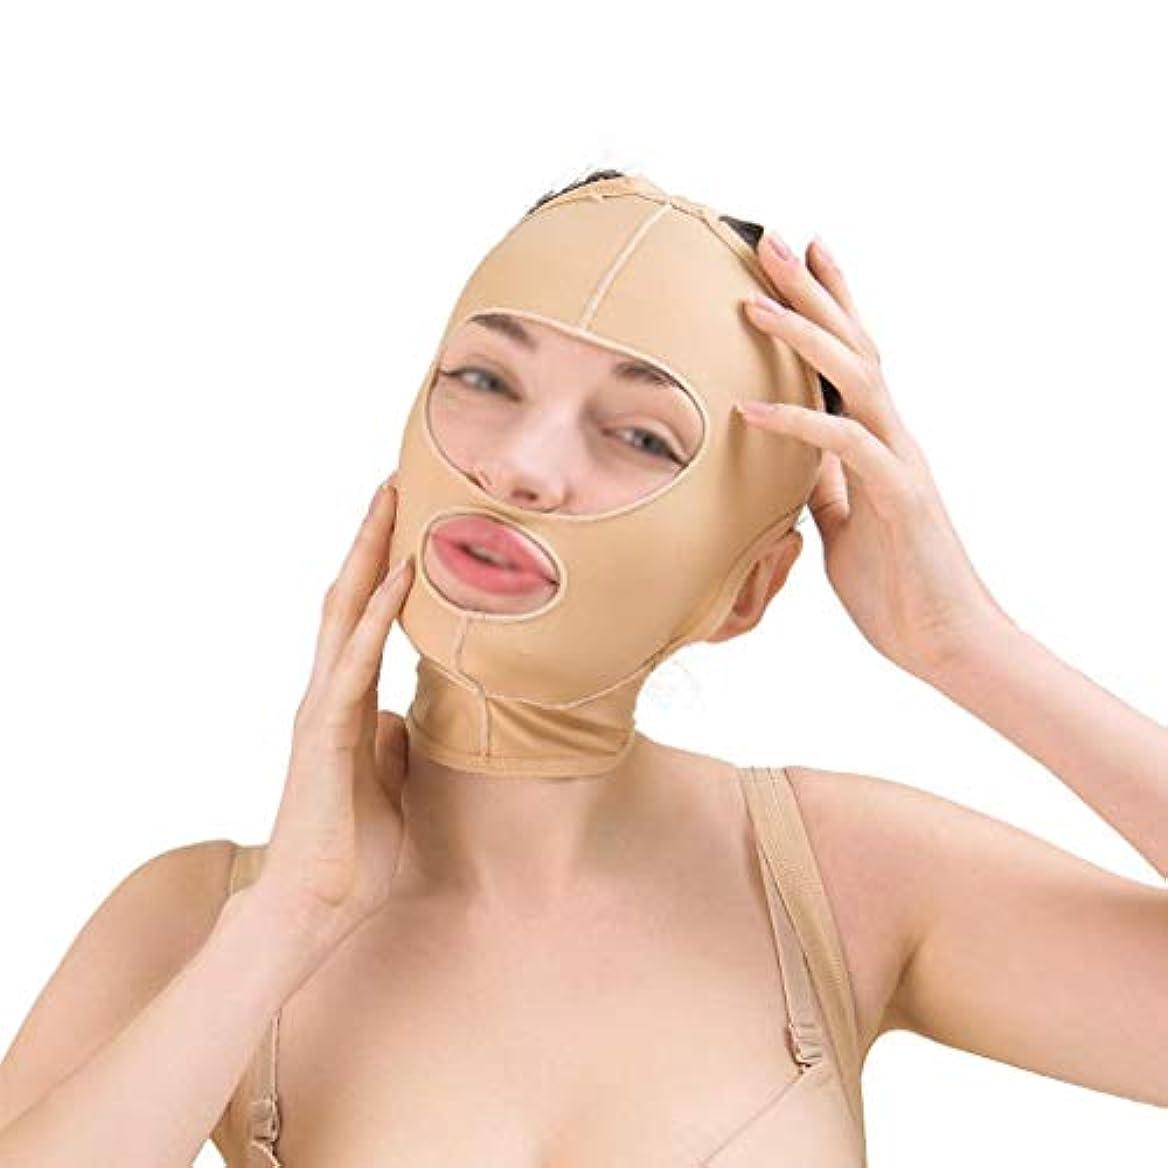 物足りないメニューペア美容フェイスリフト減量ベルト、ほおスリムフィット、通気性フェイスリフト、引き締め、リフティング包帯、フェイシャルスキン包帯(サイズ:M),XL